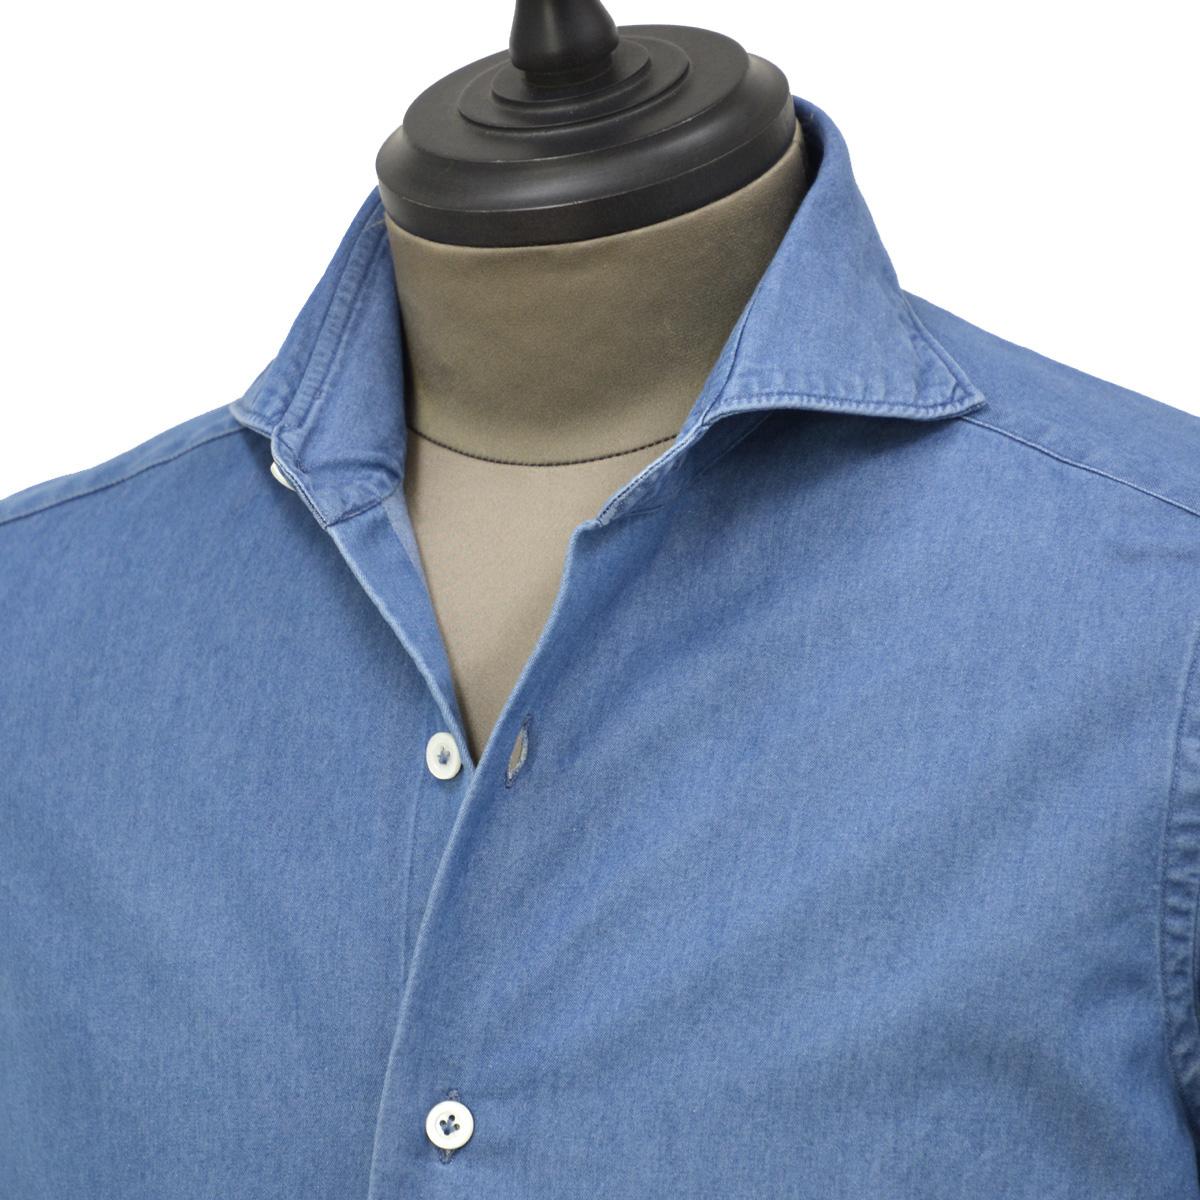 Giannetto【ジャンネット】カジュアルシャツ SLIM FIT 9G35030L84 C01 デニム ウォッシュドブルー